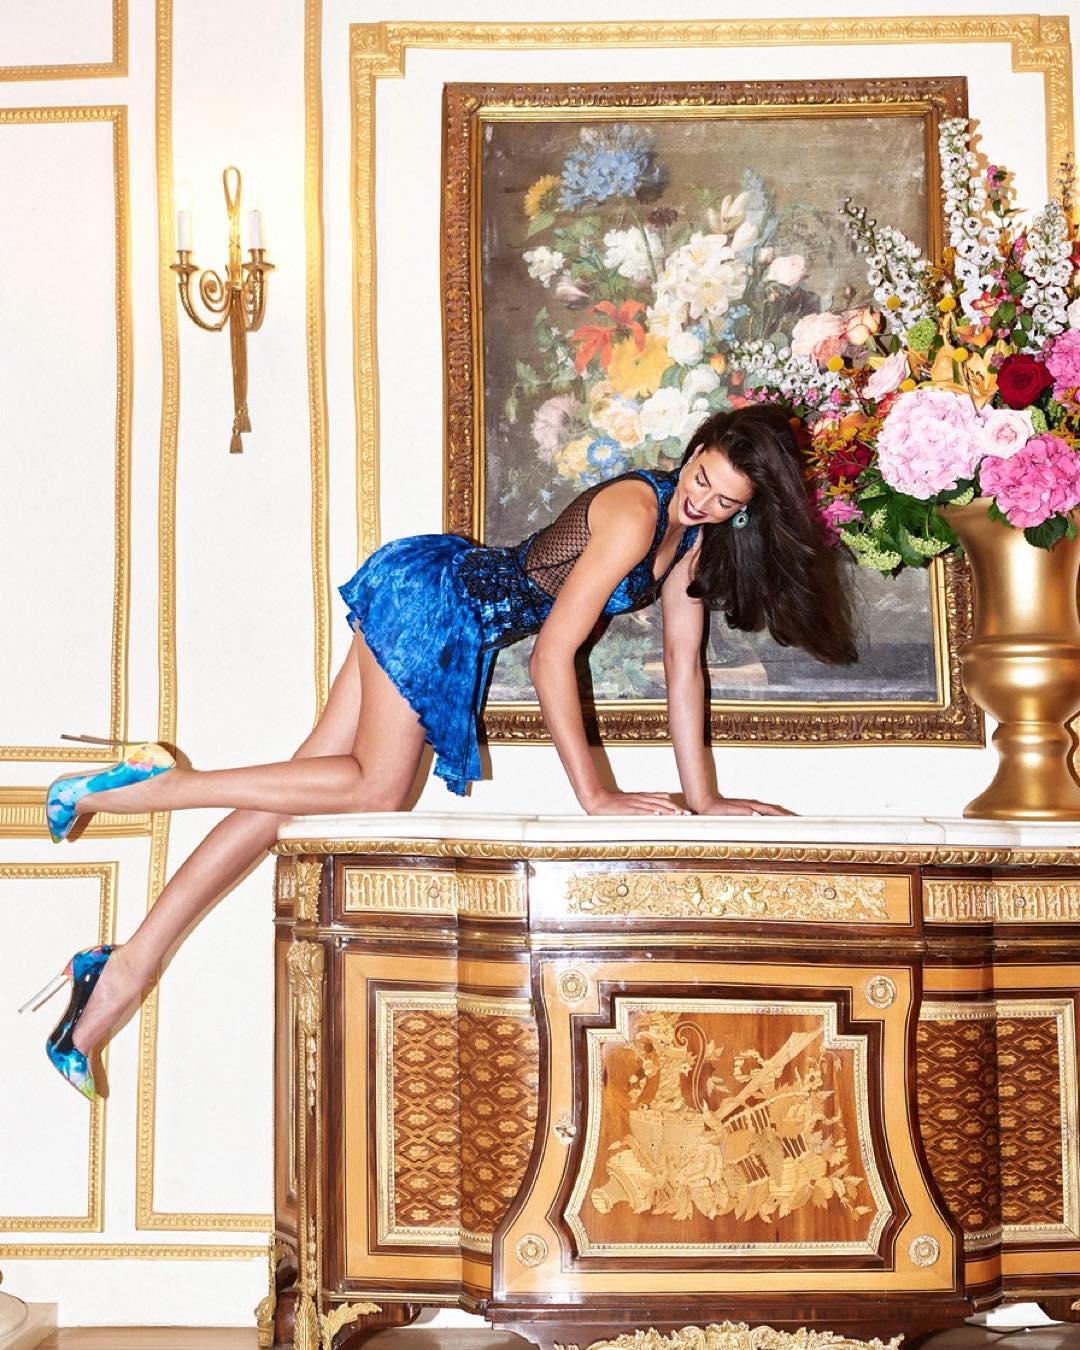 Николь Харрисон в модной фотосессии